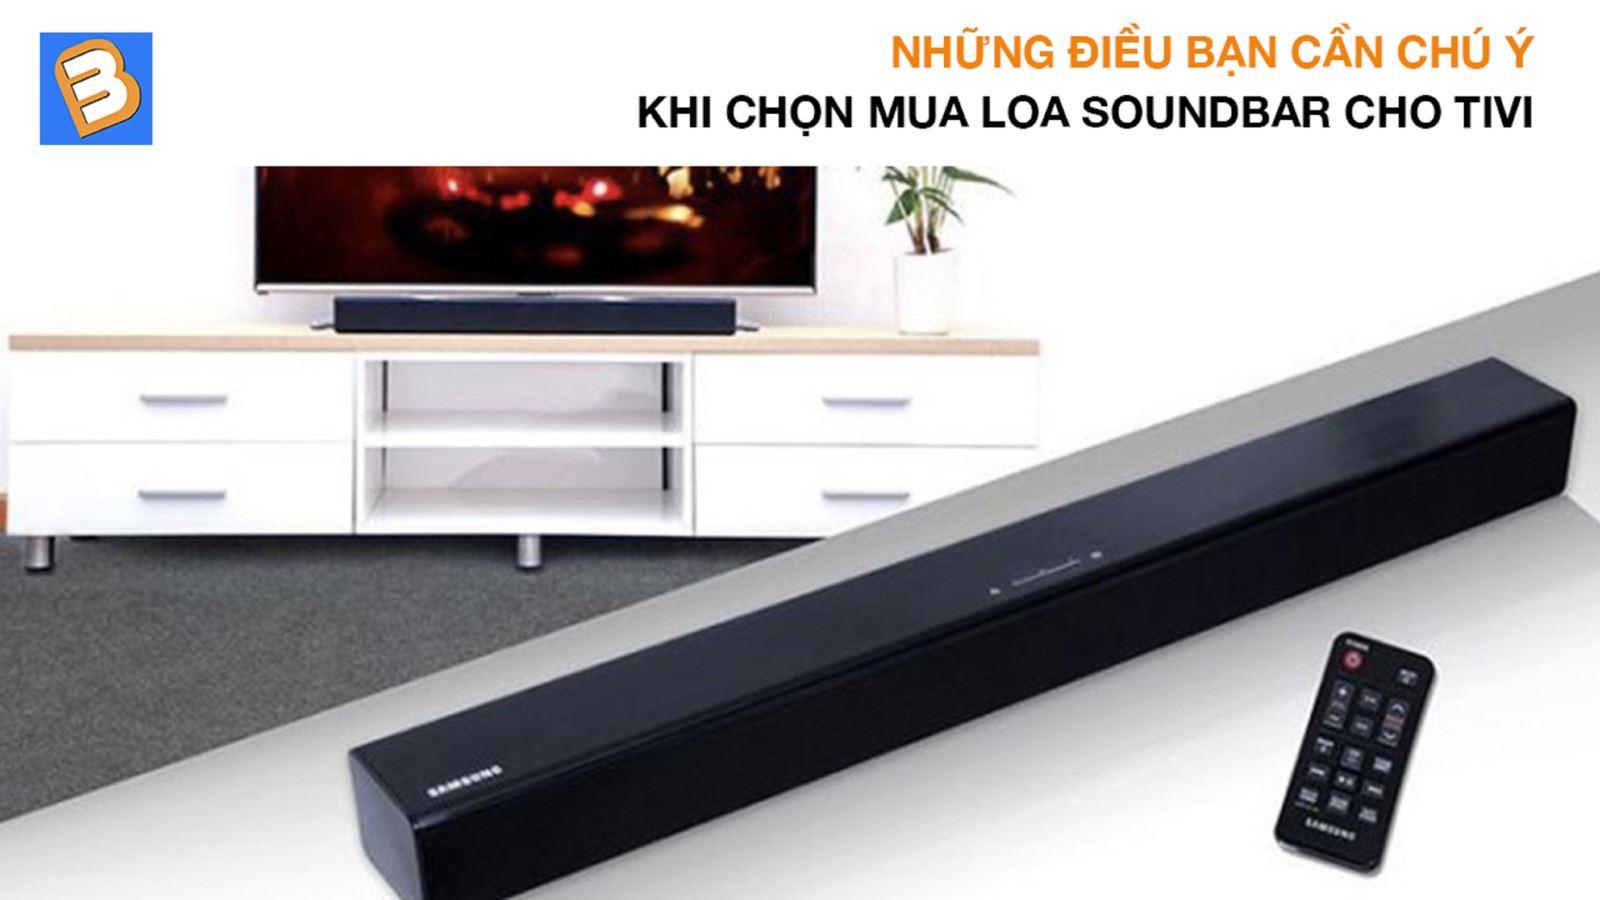 Những điềubạn cần chú ýkhi chọn mua loa soundbar cho tivi